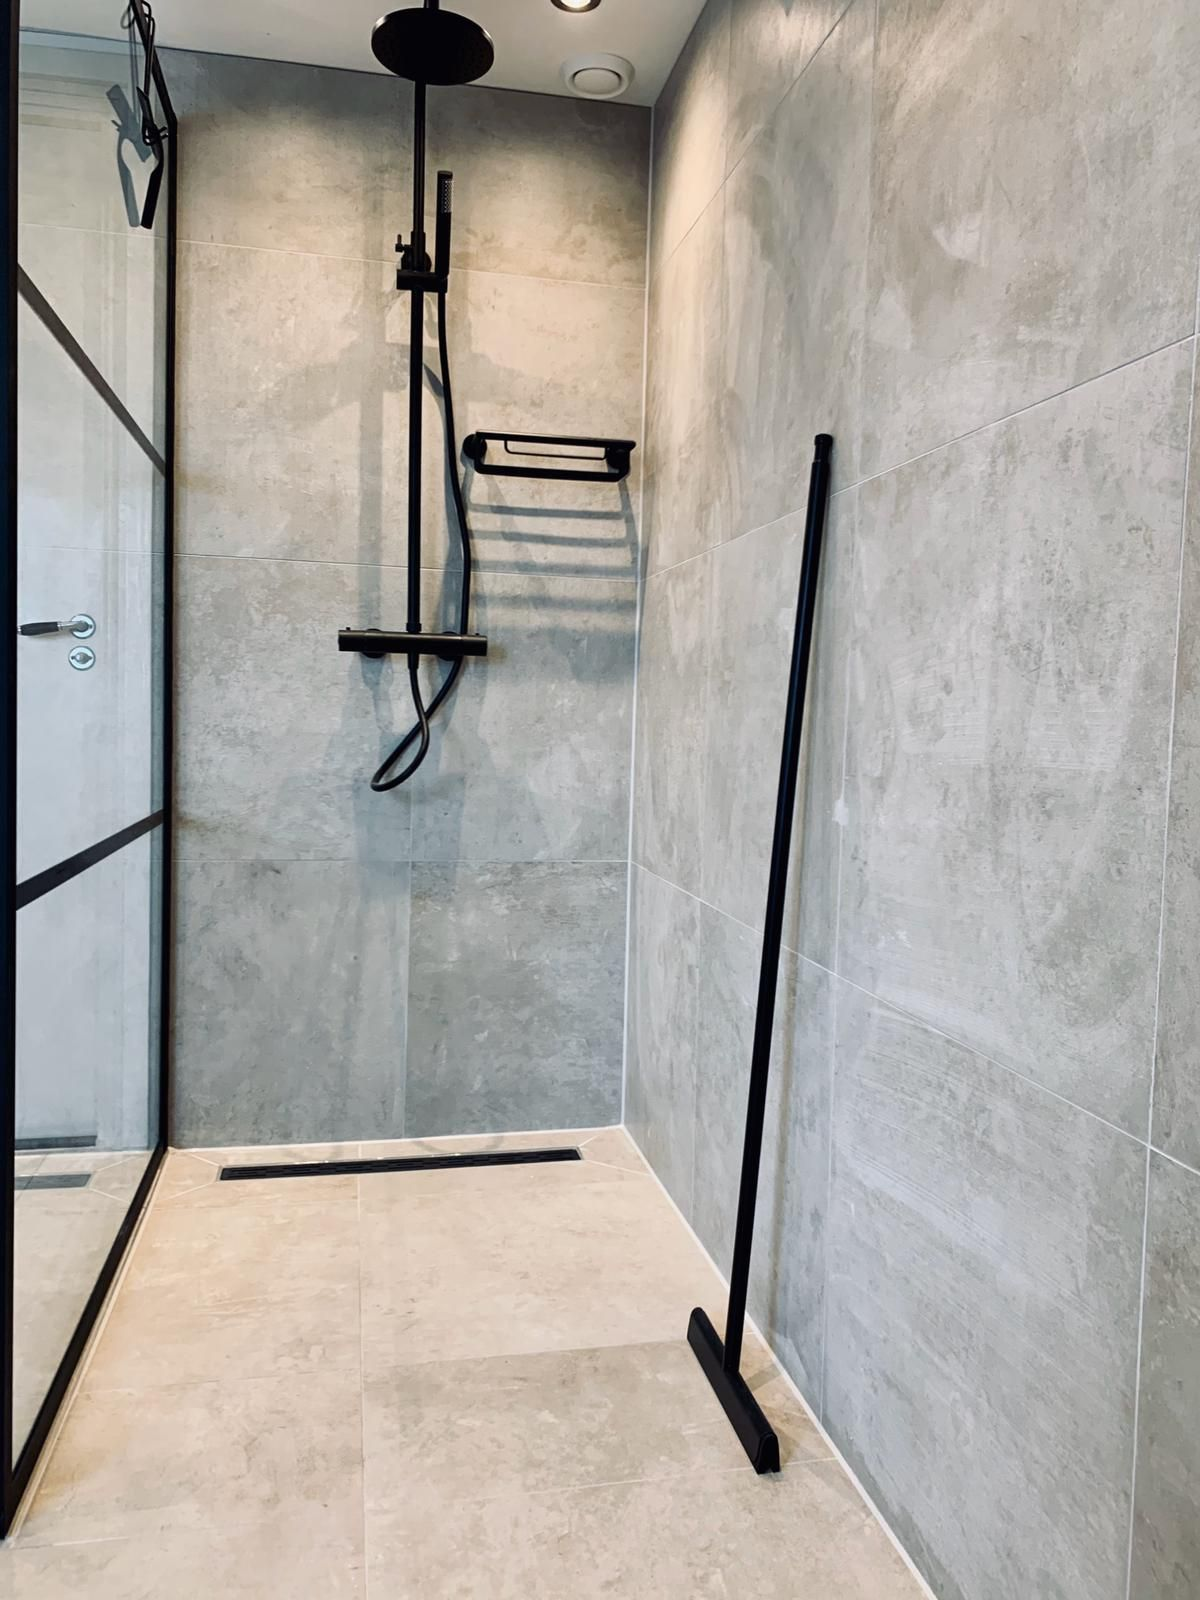 Perfekt Fur 2 Toilette Sanitar Badezimmer Badezimmerdesign Inneneinrichtung Fixundflip Housestaging Heizungsbau